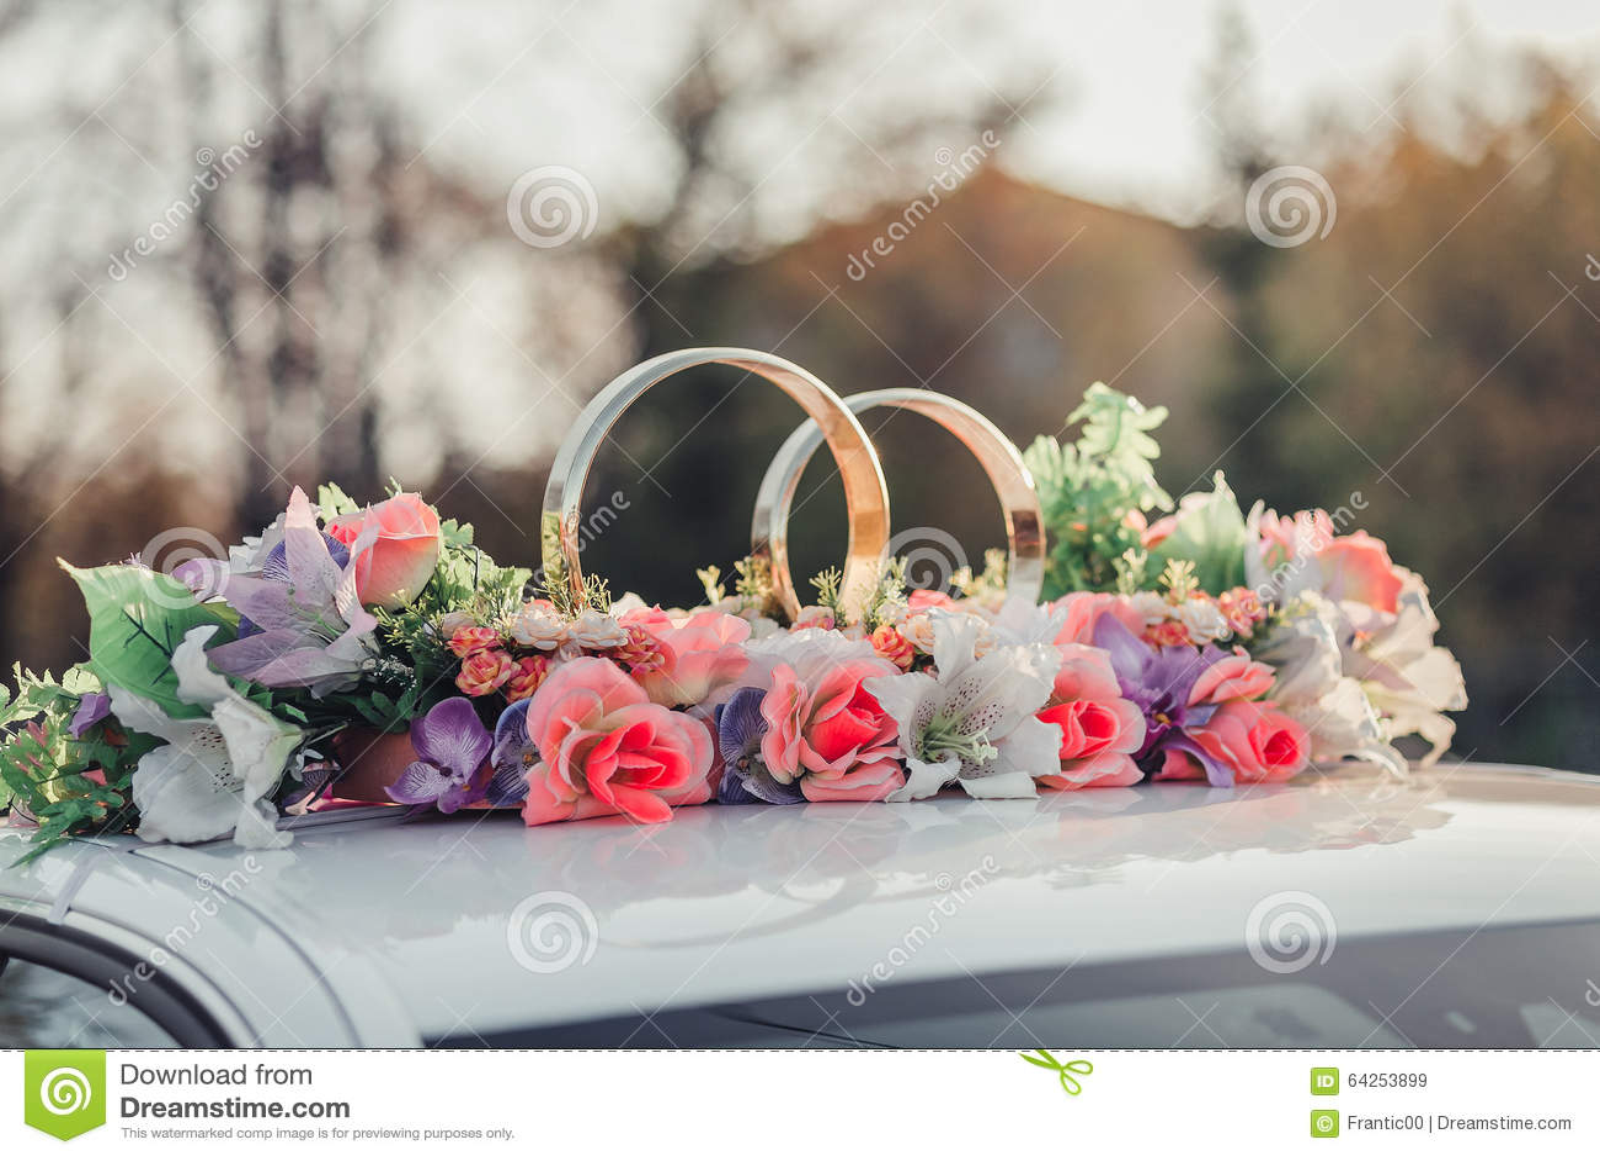 d coration de voiture de mariage avec des fleurs et des. Black Bedroom Furniture Sets. Home Design Ideas